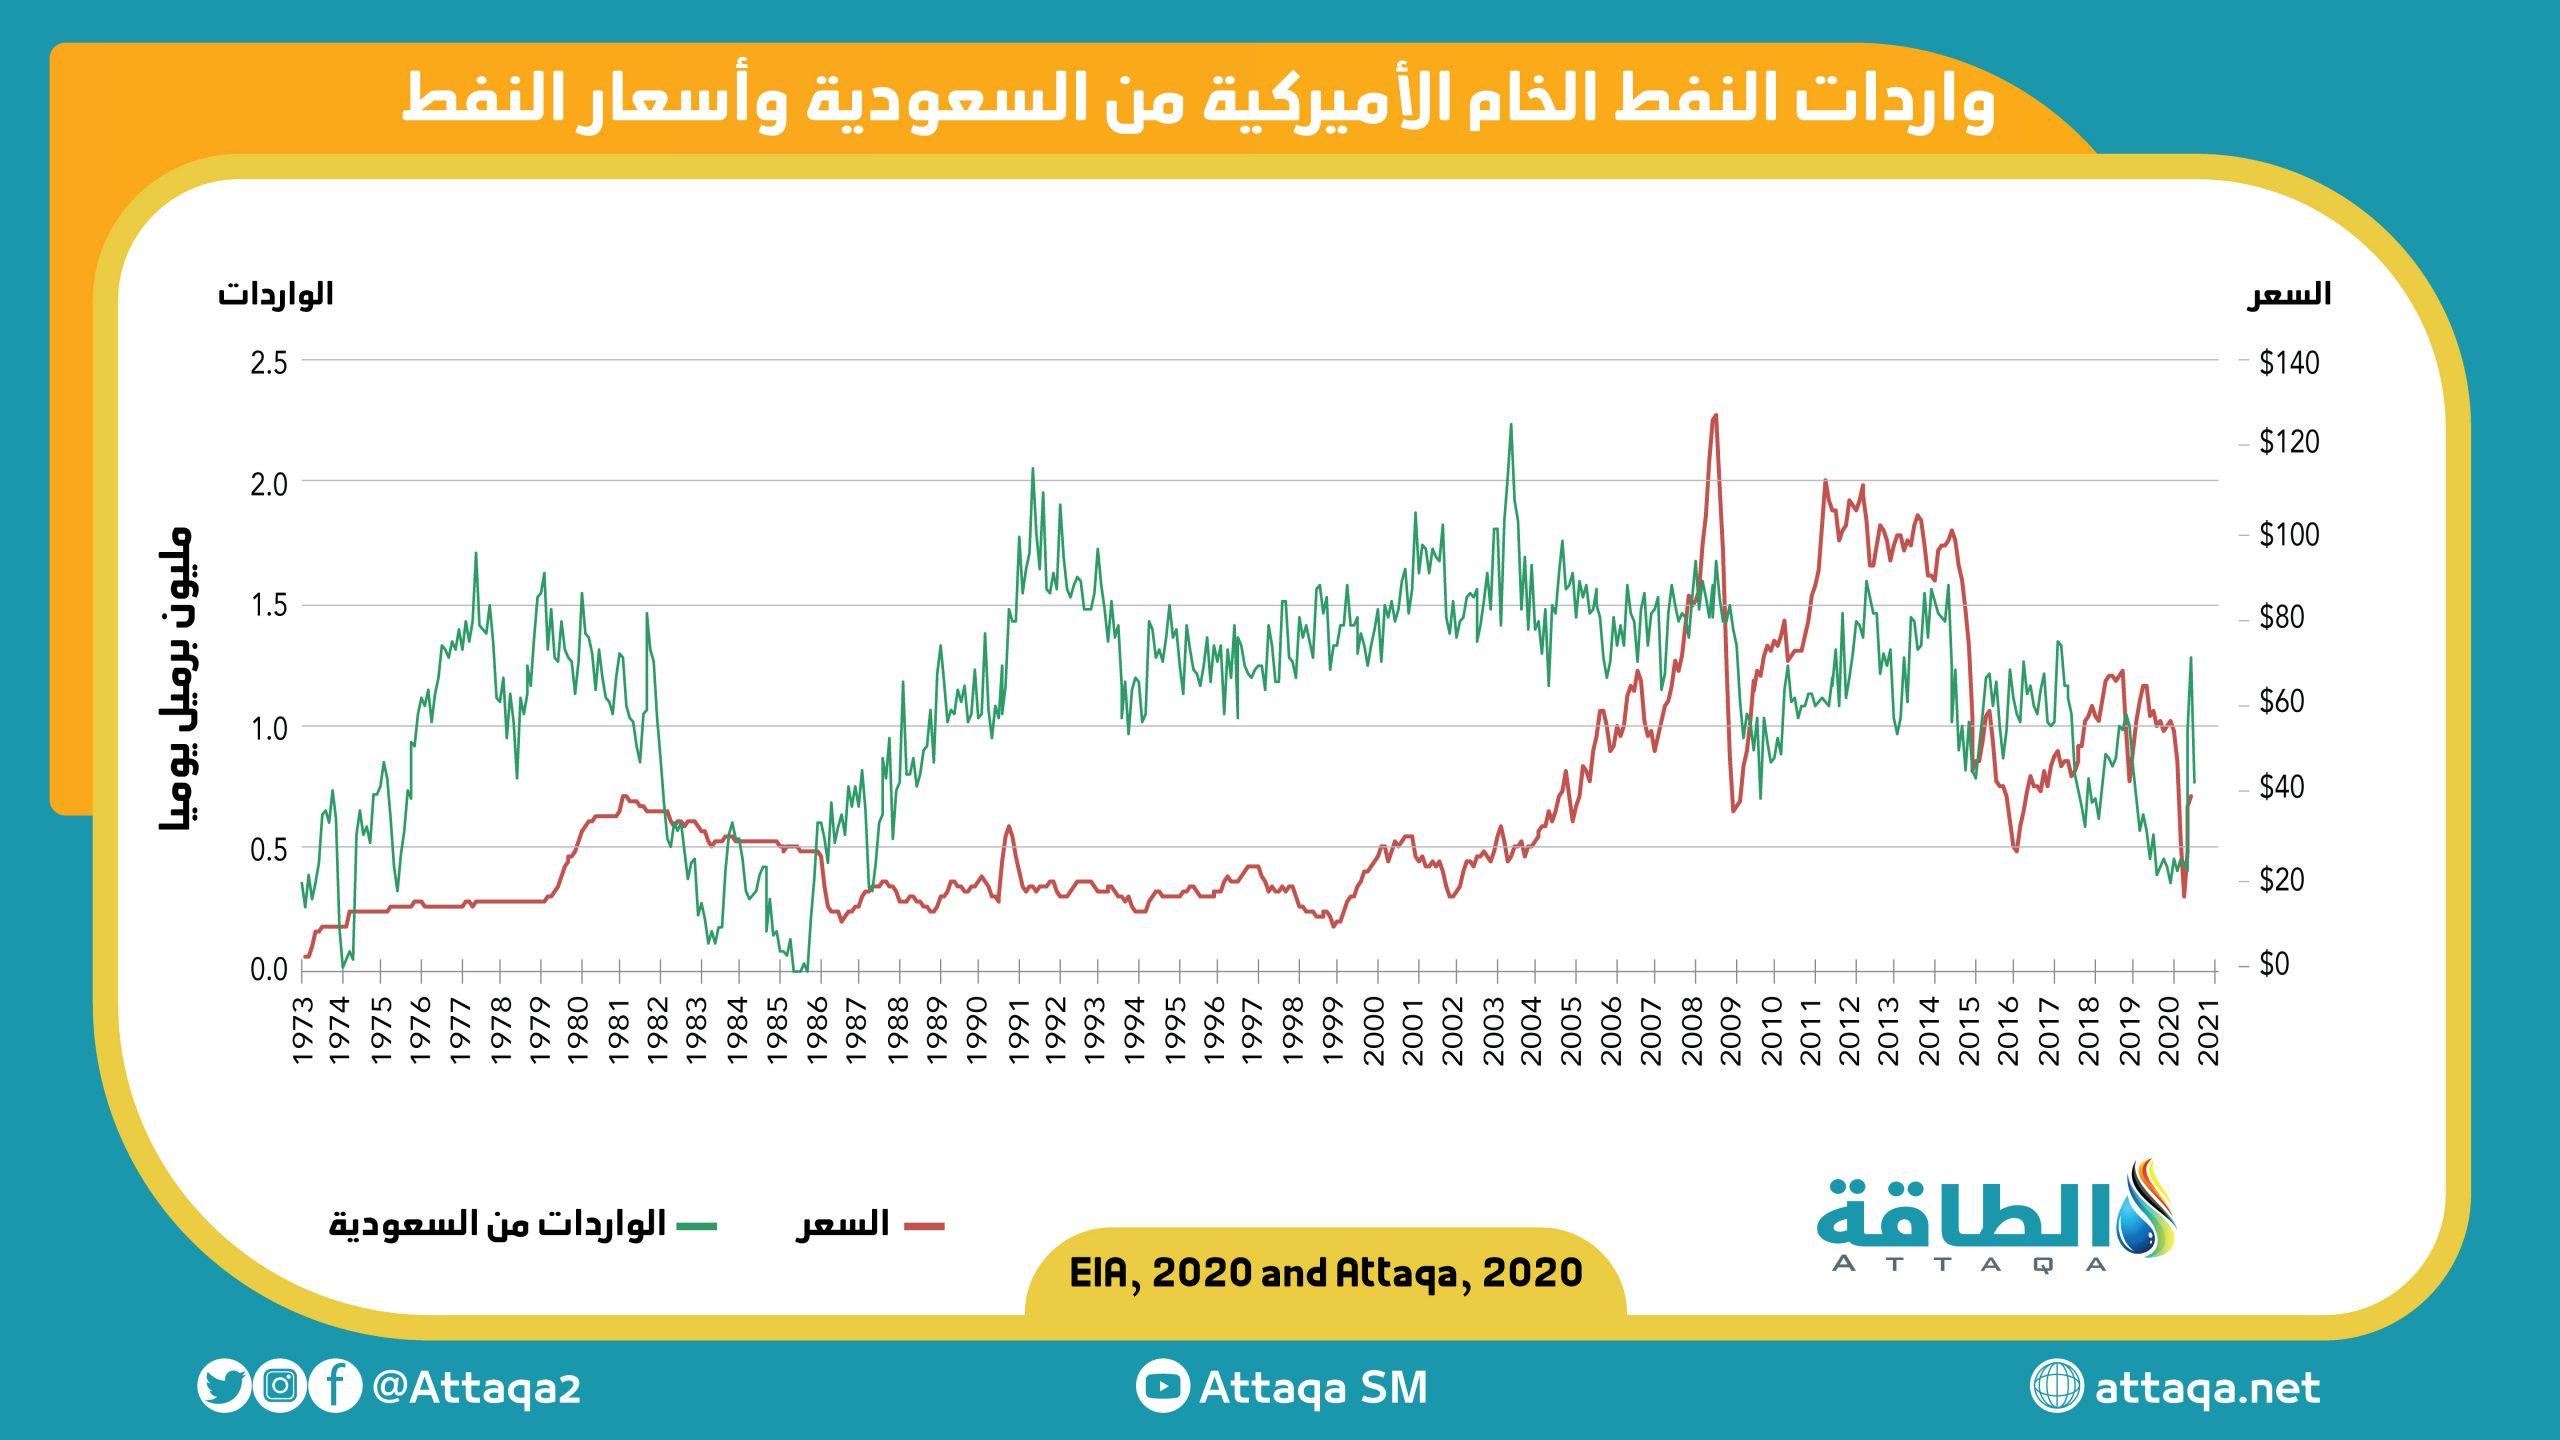 واردات الولايات المتحدة من النفط السعودي